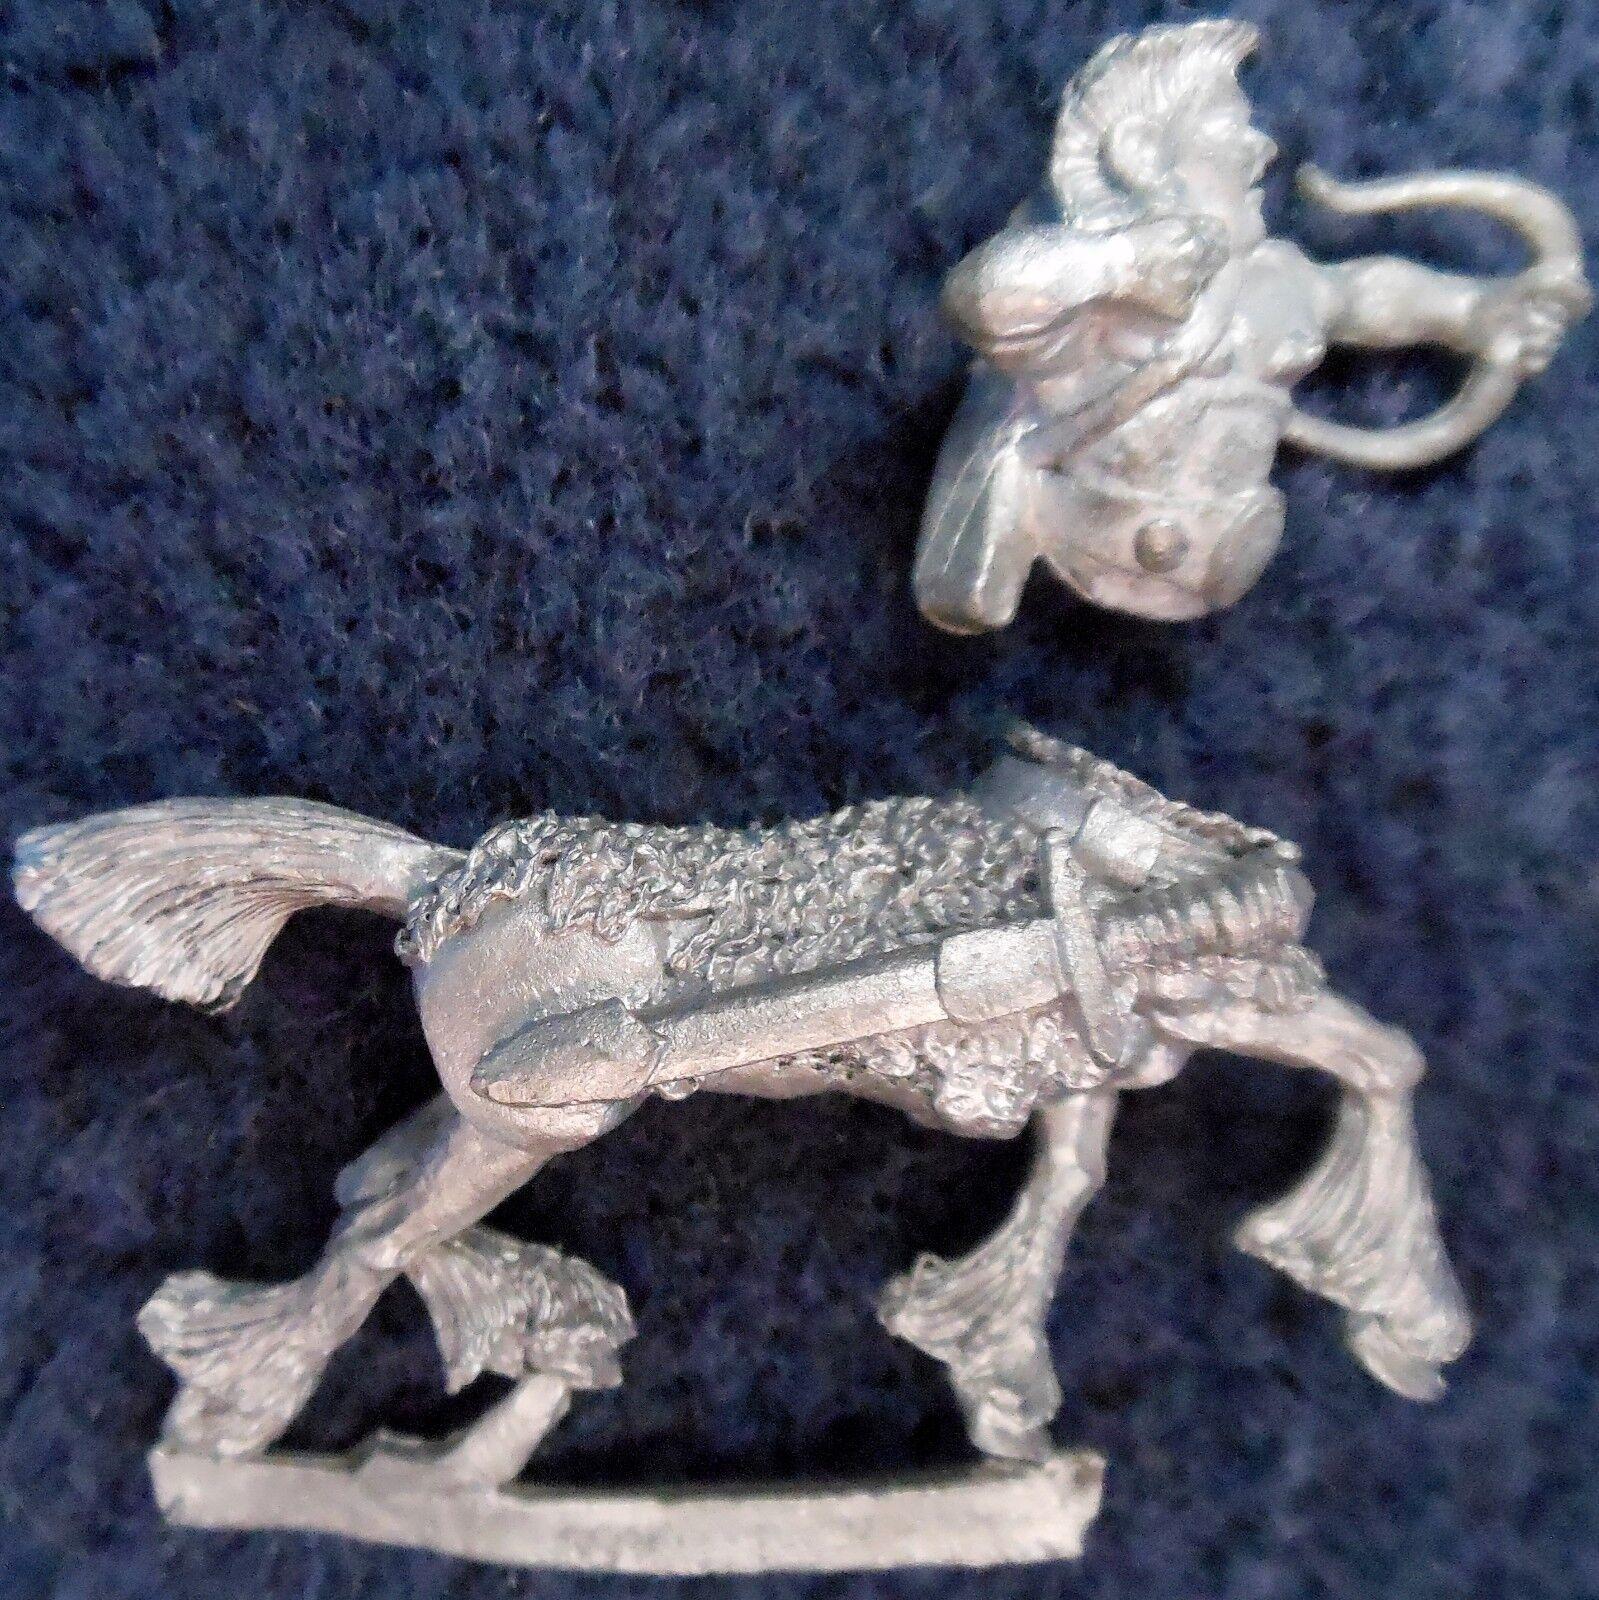 1987 Chaos Centaur 0214 09 CH4 Bowman Deathhoof Citadel Warhammer Army Cavalry